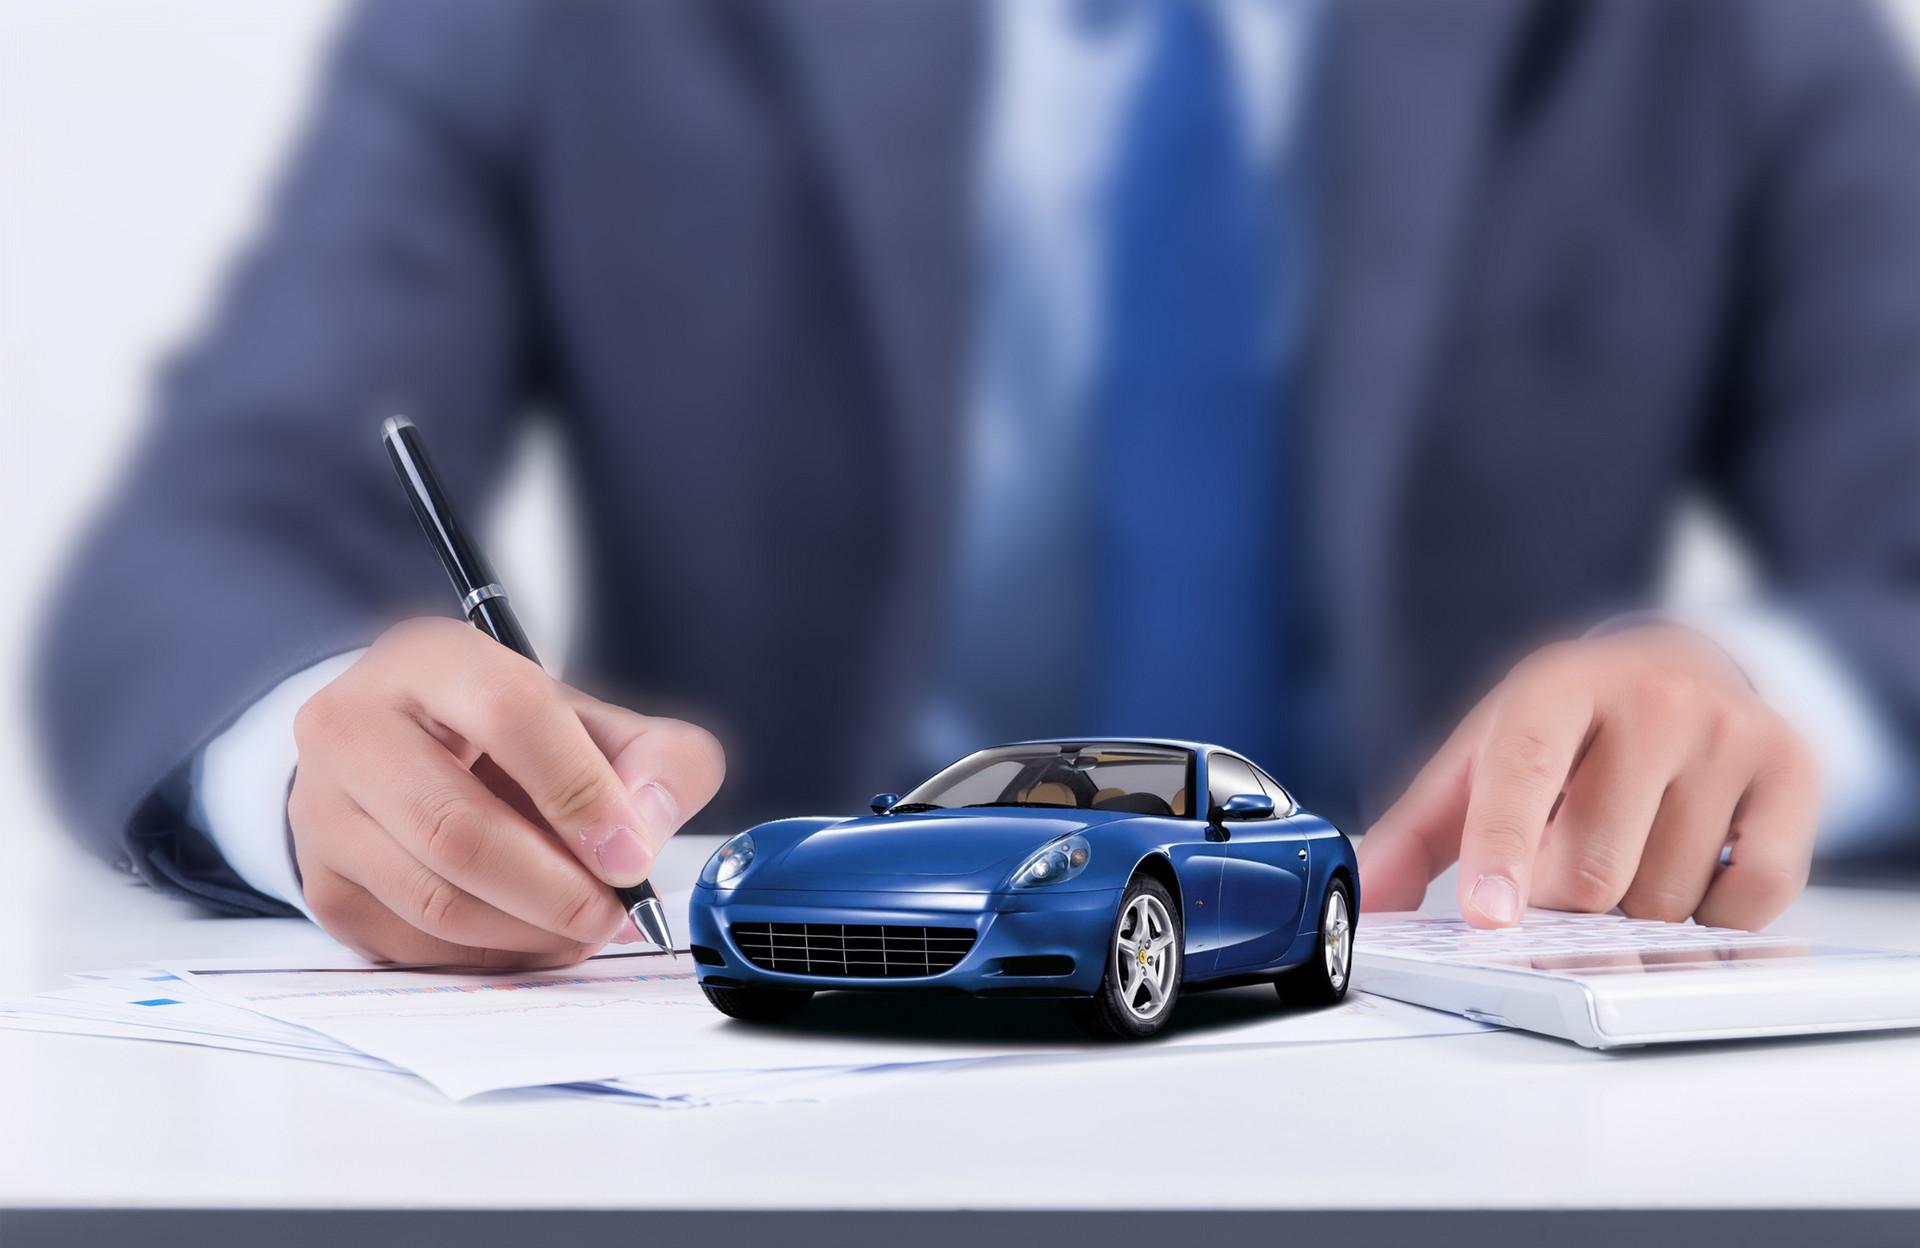 交通事故保险公司赔偿了车主还用赔钱吗